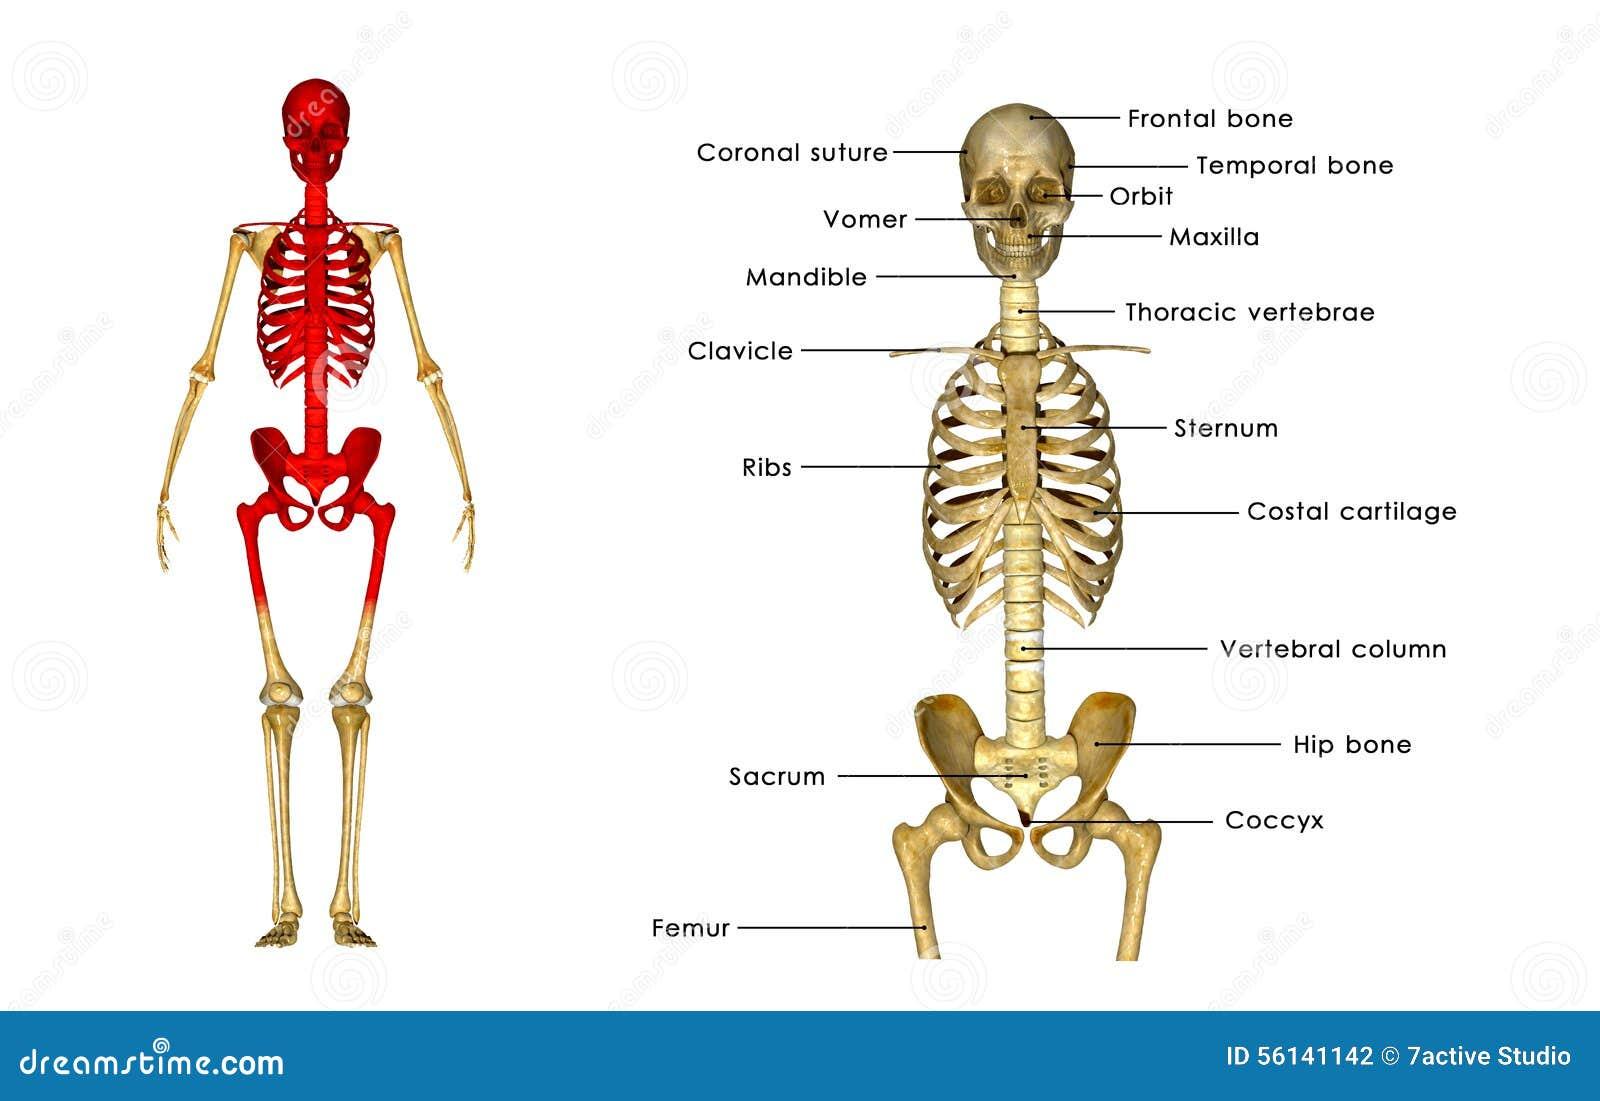 Esqueleto humano stock de ilustración. Ilustración de médico - 56141142